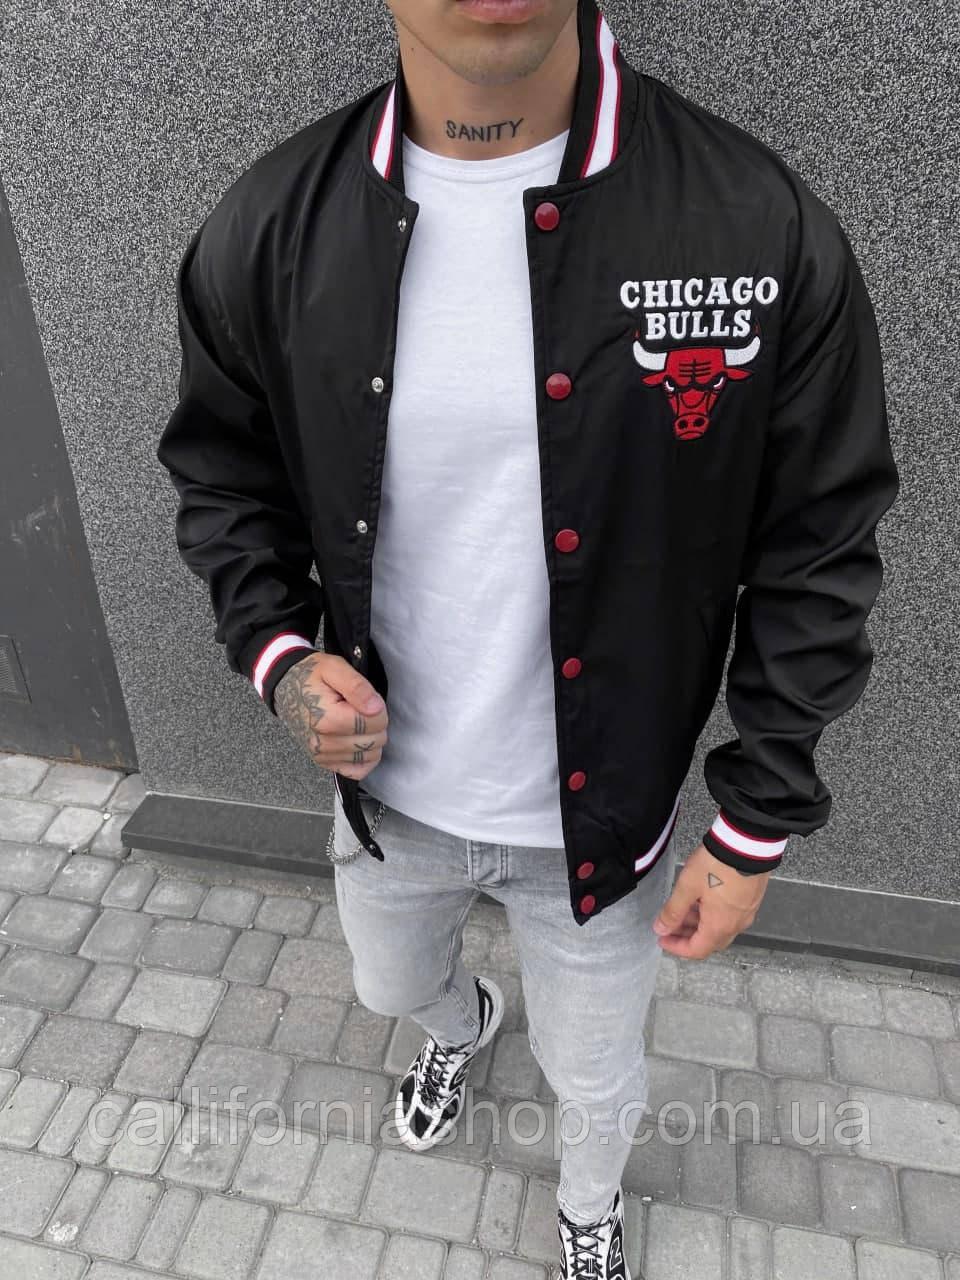 Чоловіча вітровка бомбер Chicago Bulls чорна на кнопках Чикаго Буллз